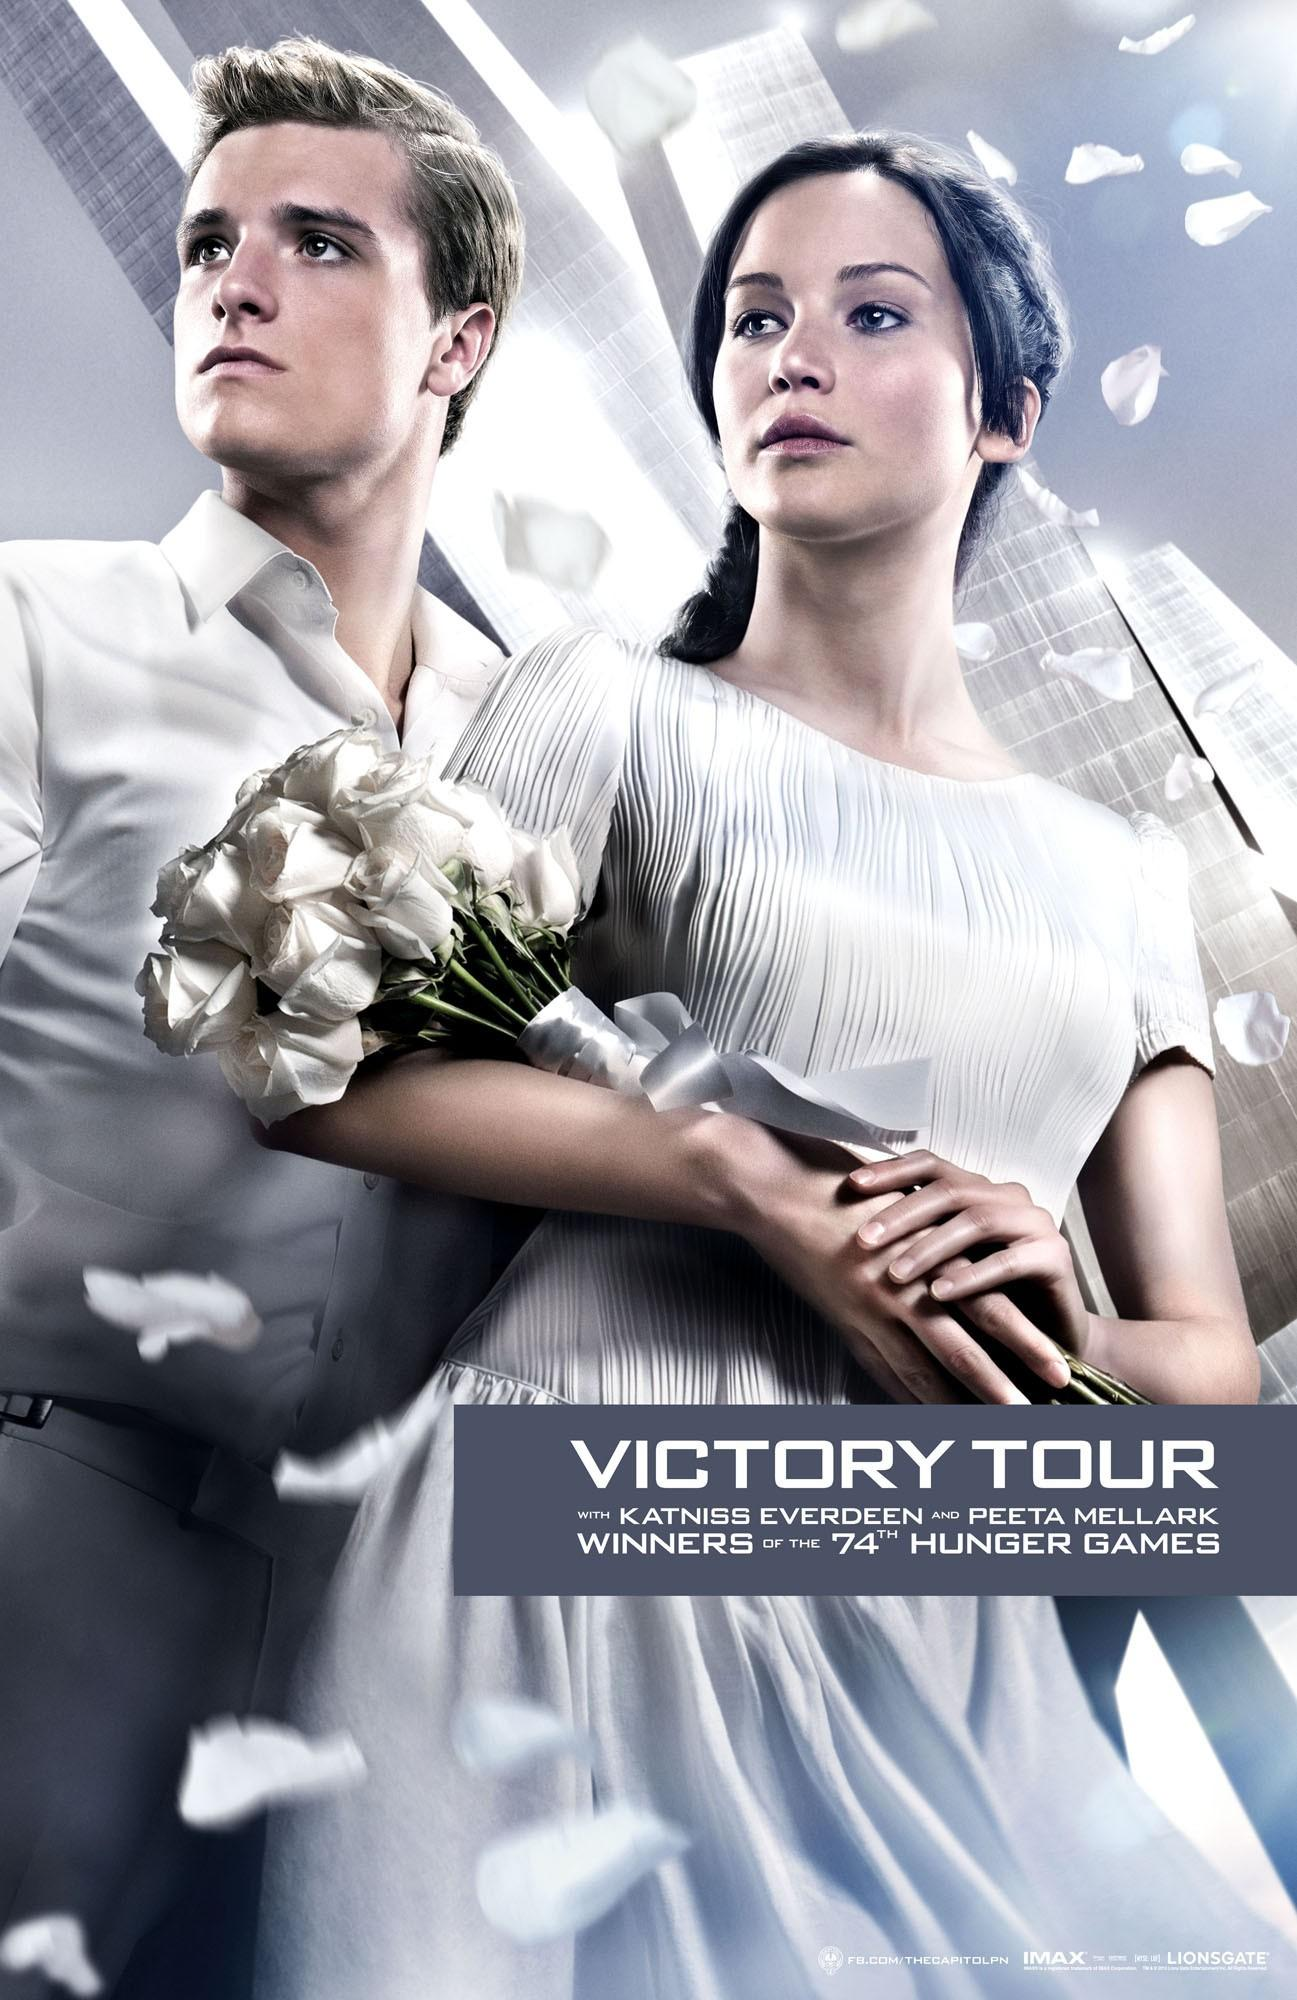 《饥饿游戏:星火燎原》(The Hunger Games: Catching Fire)预告片发布